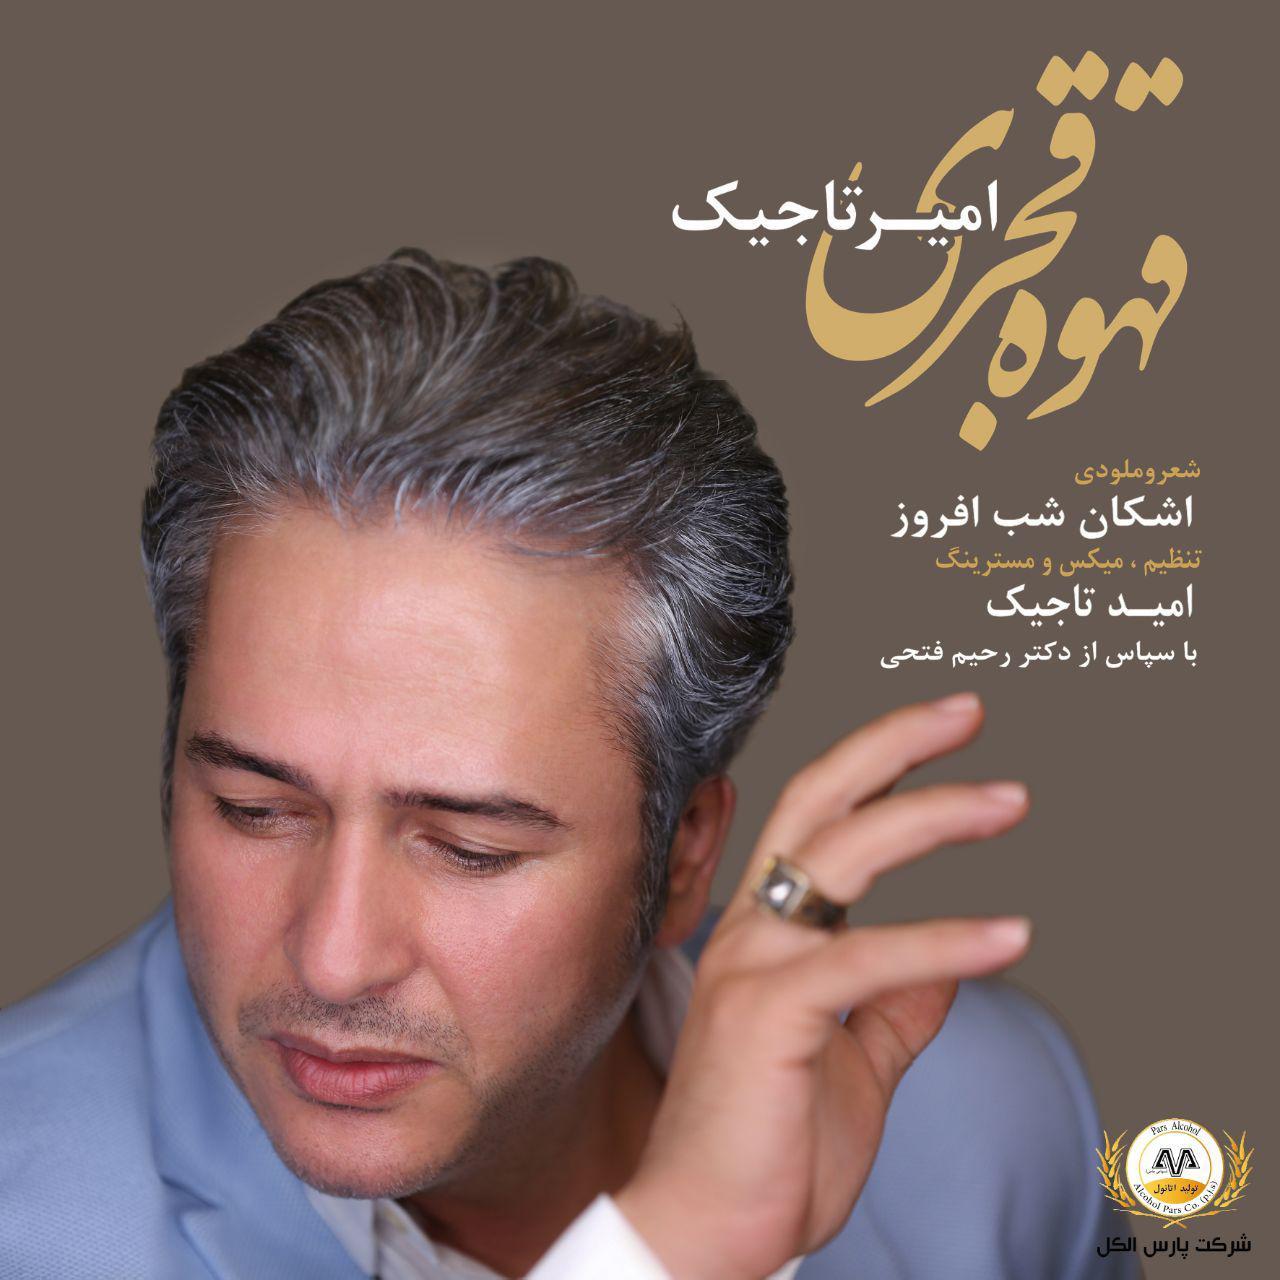 دانلود موزیک جدید قهوه قجری از امیر تاجیک